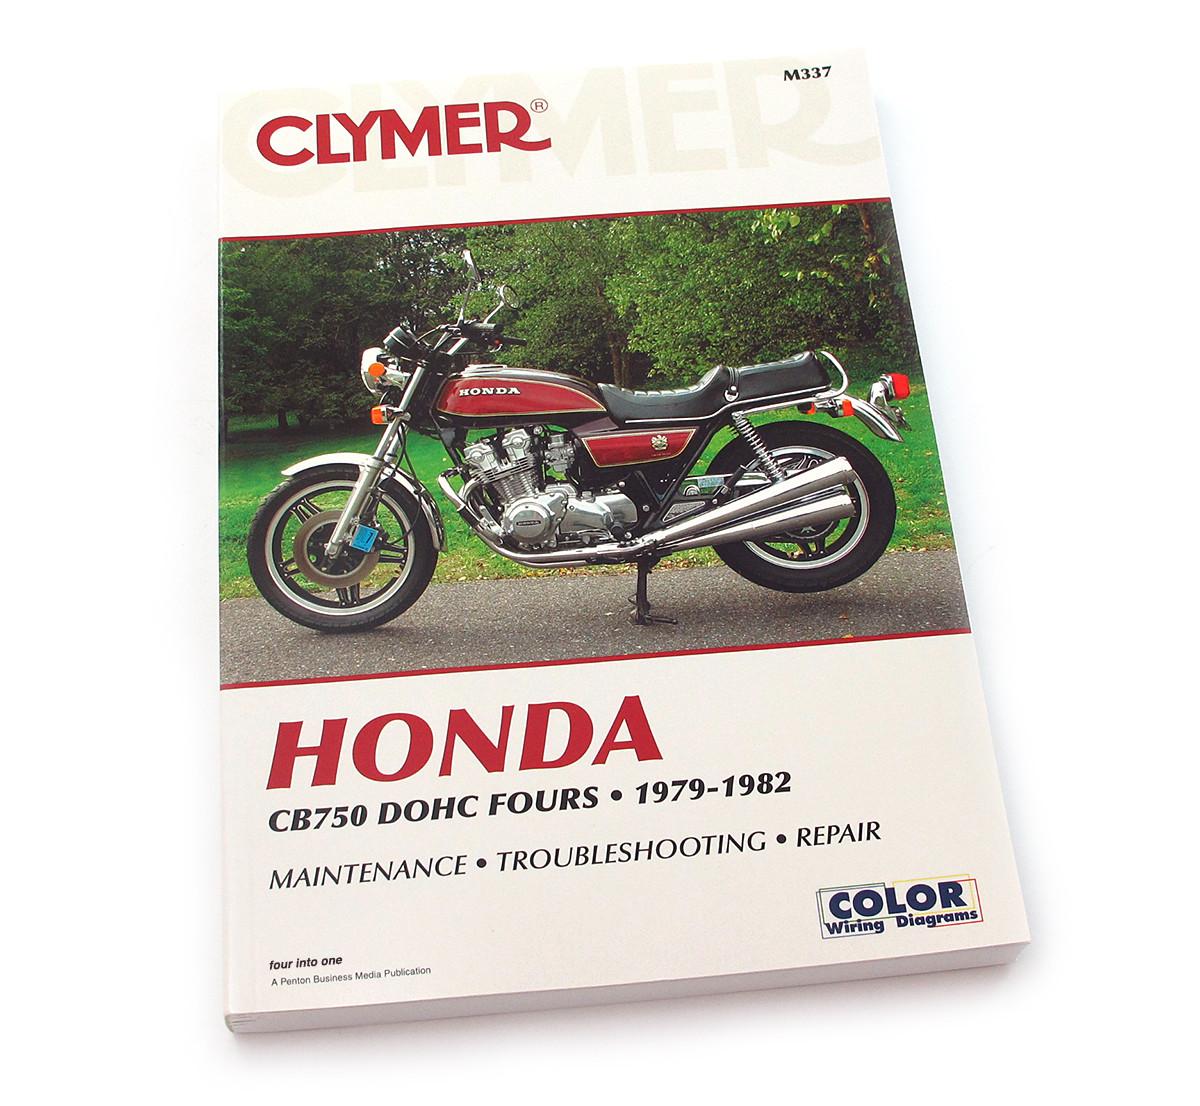 small resolution of clymer manual honda cb750 dohc fours 1979 1982